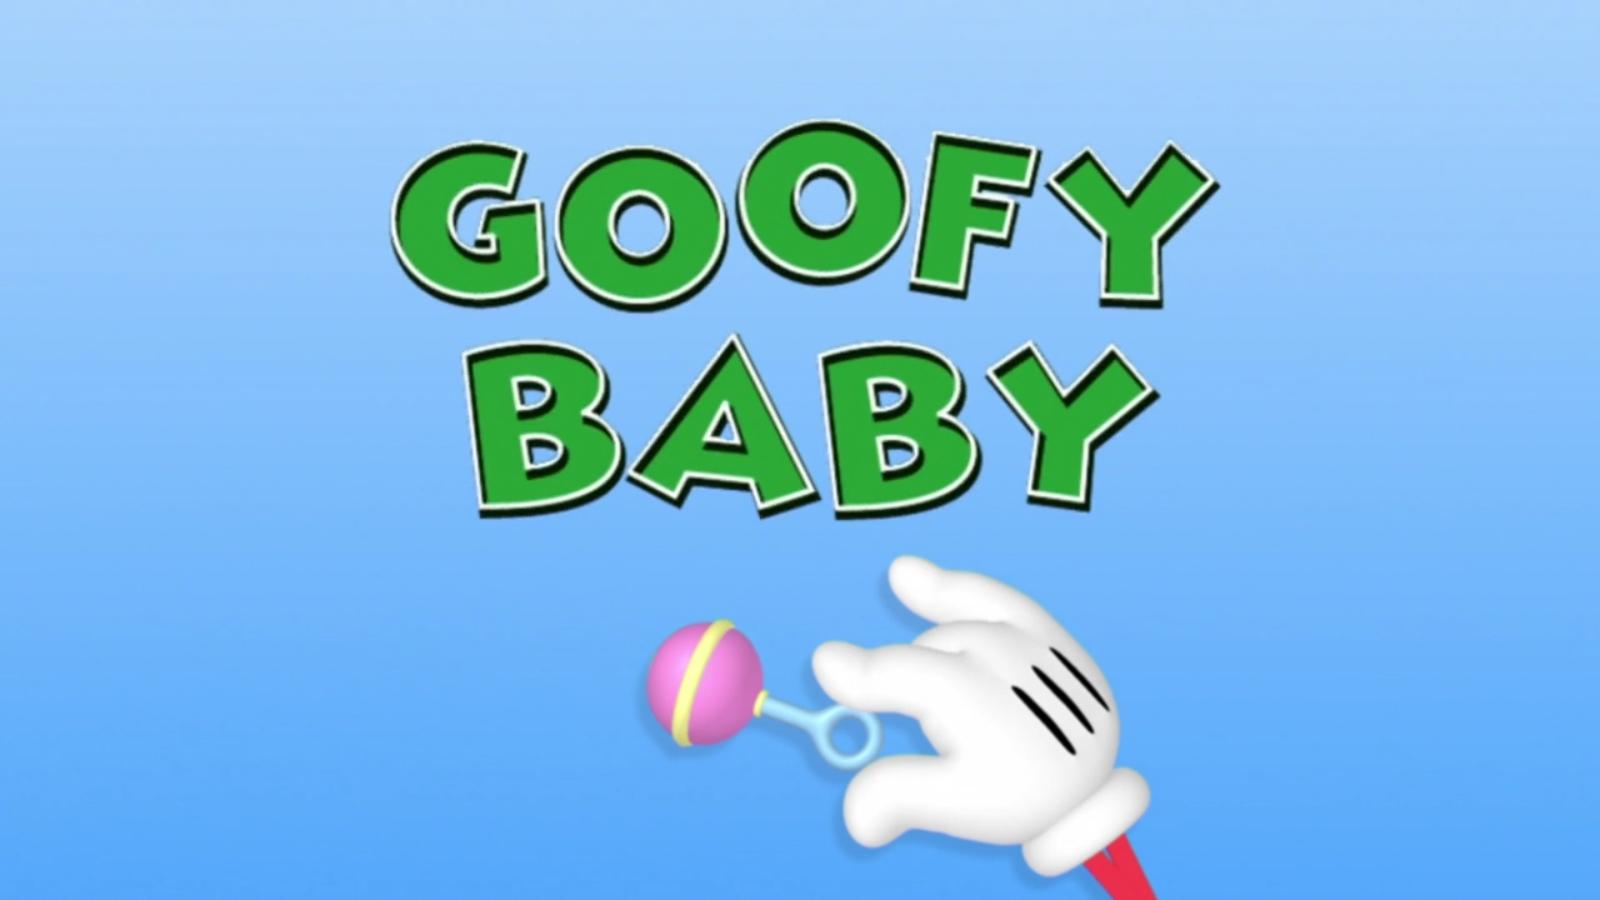 Goofy Baby